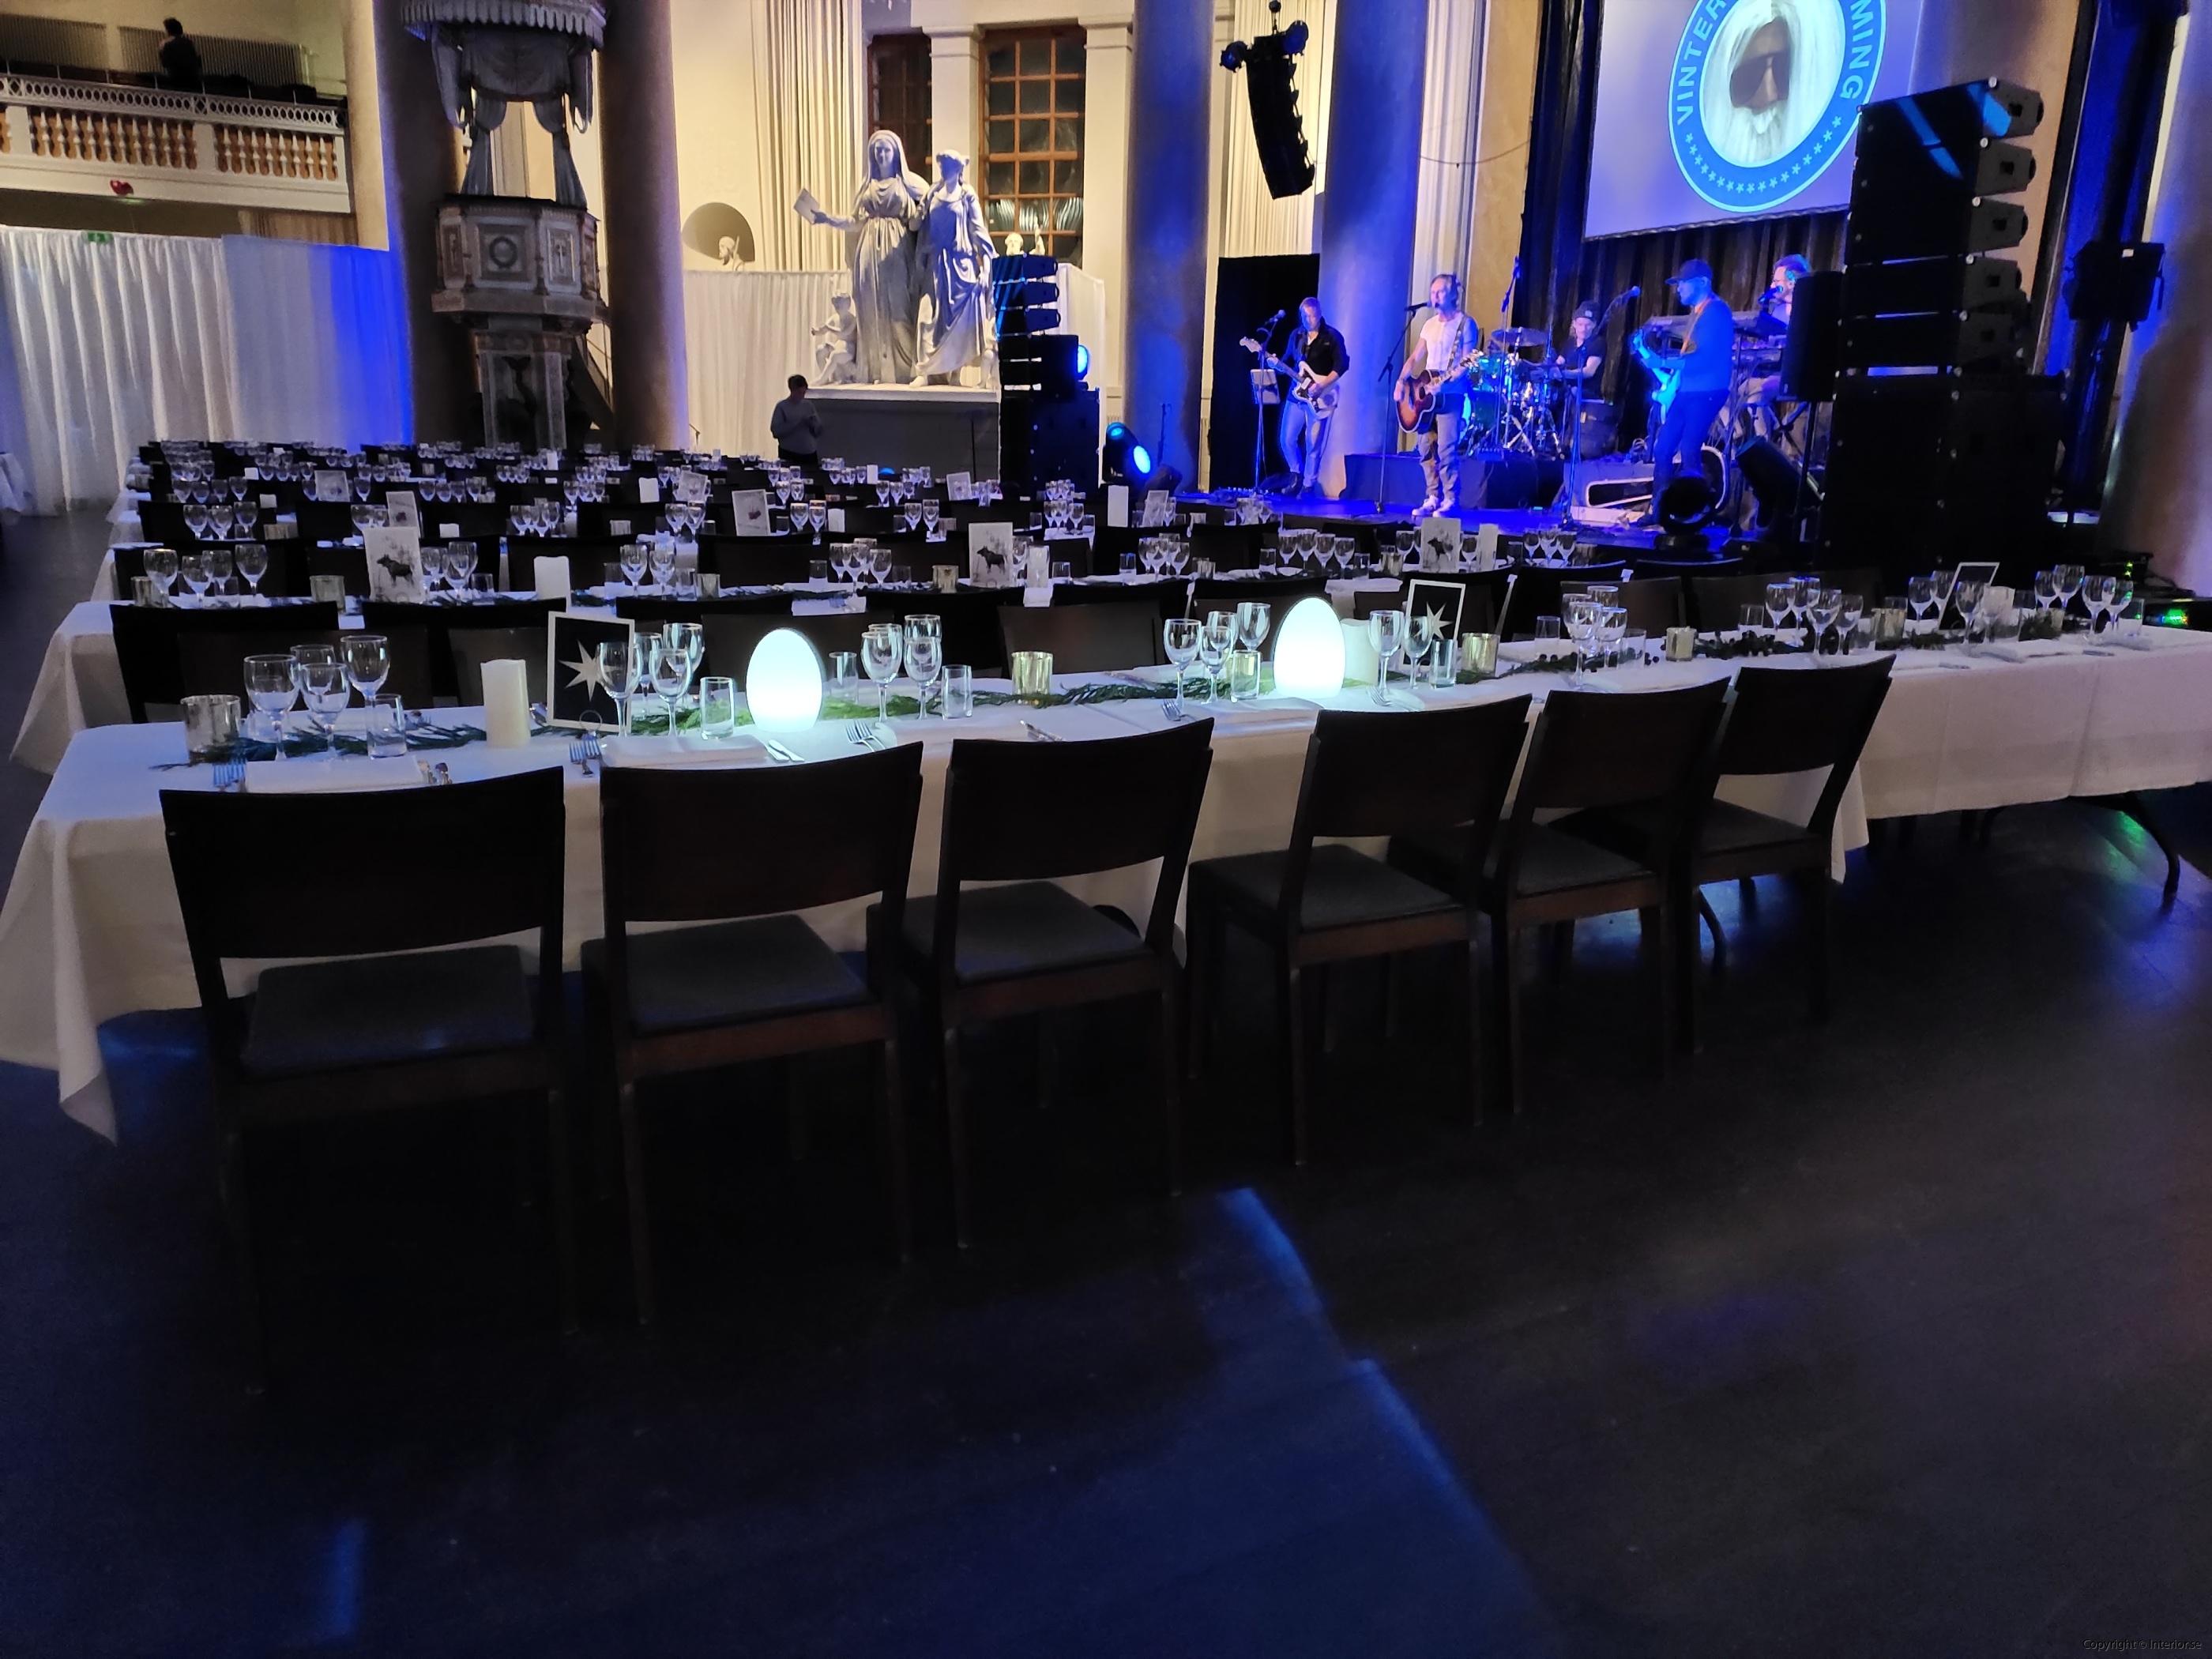 bordslampa LED hyra ljus värmeljus middags lampa event (2)